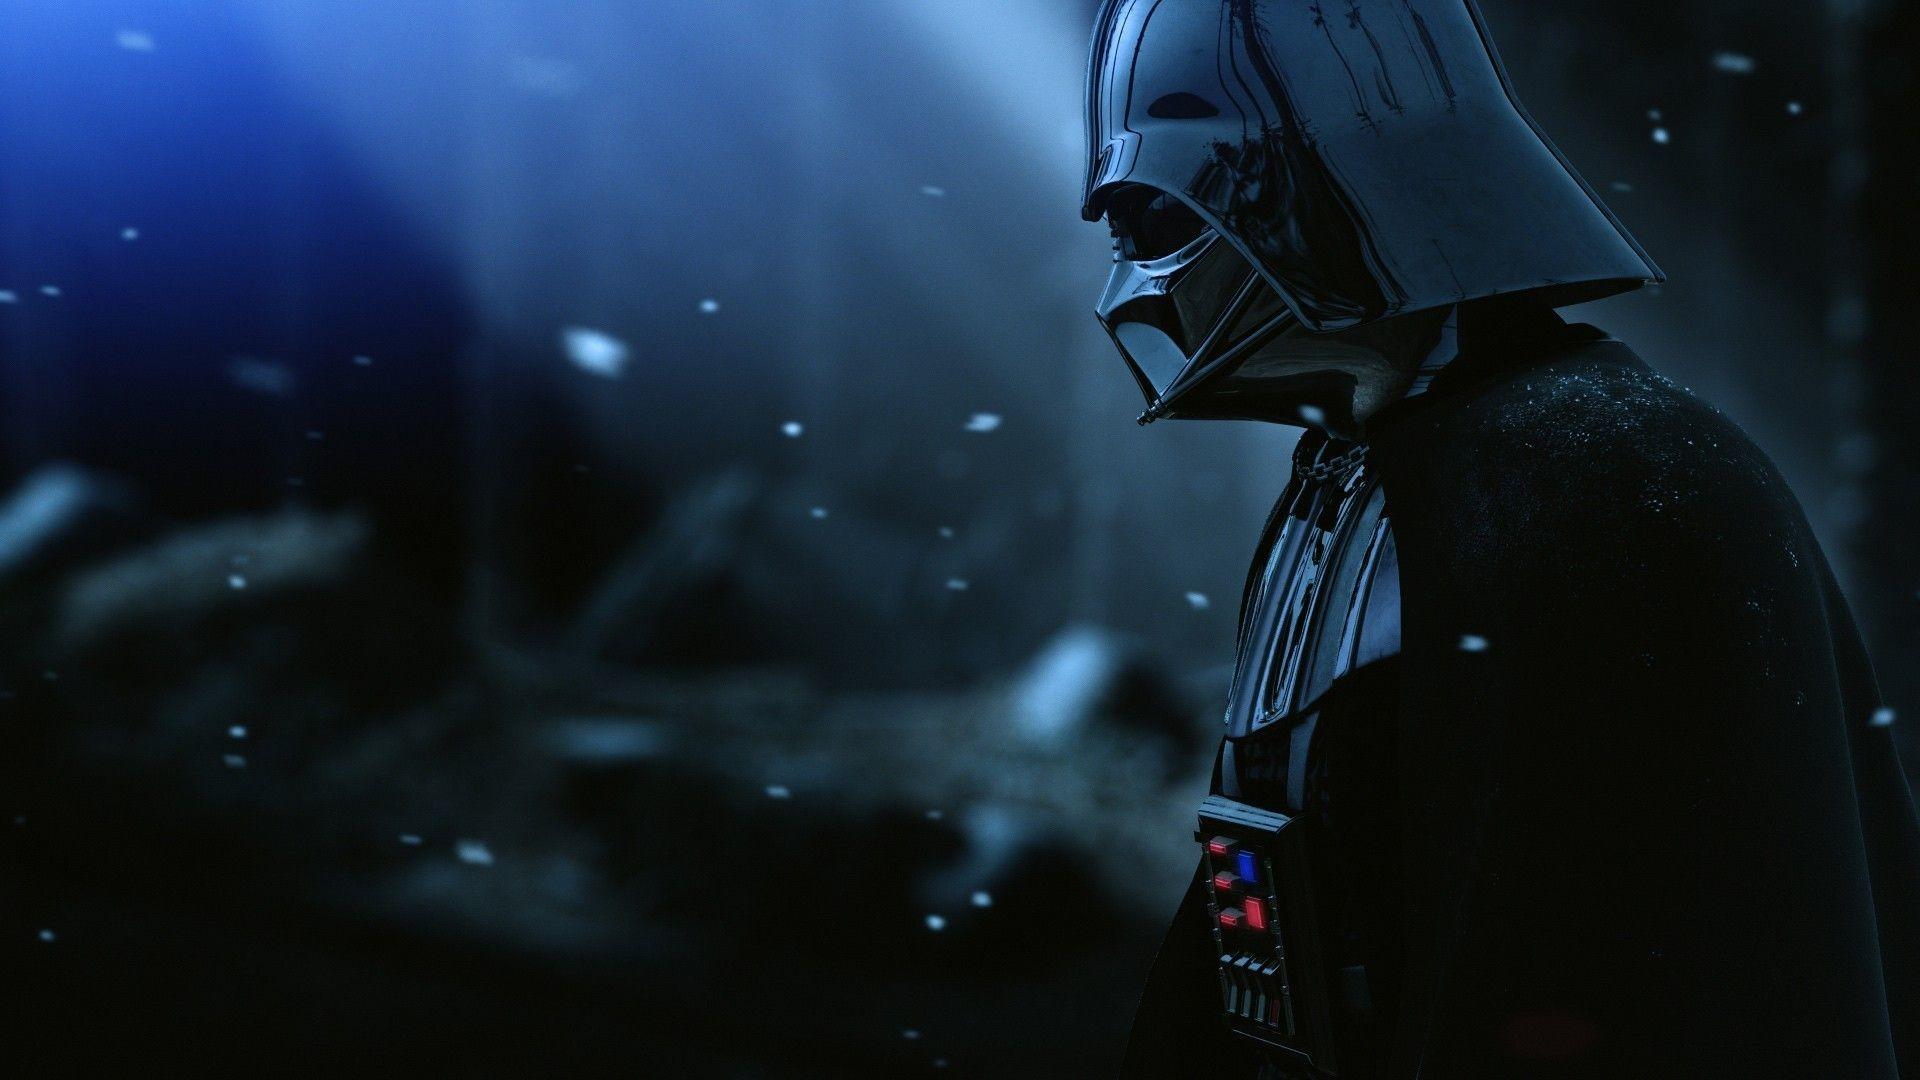 Darth Vader …